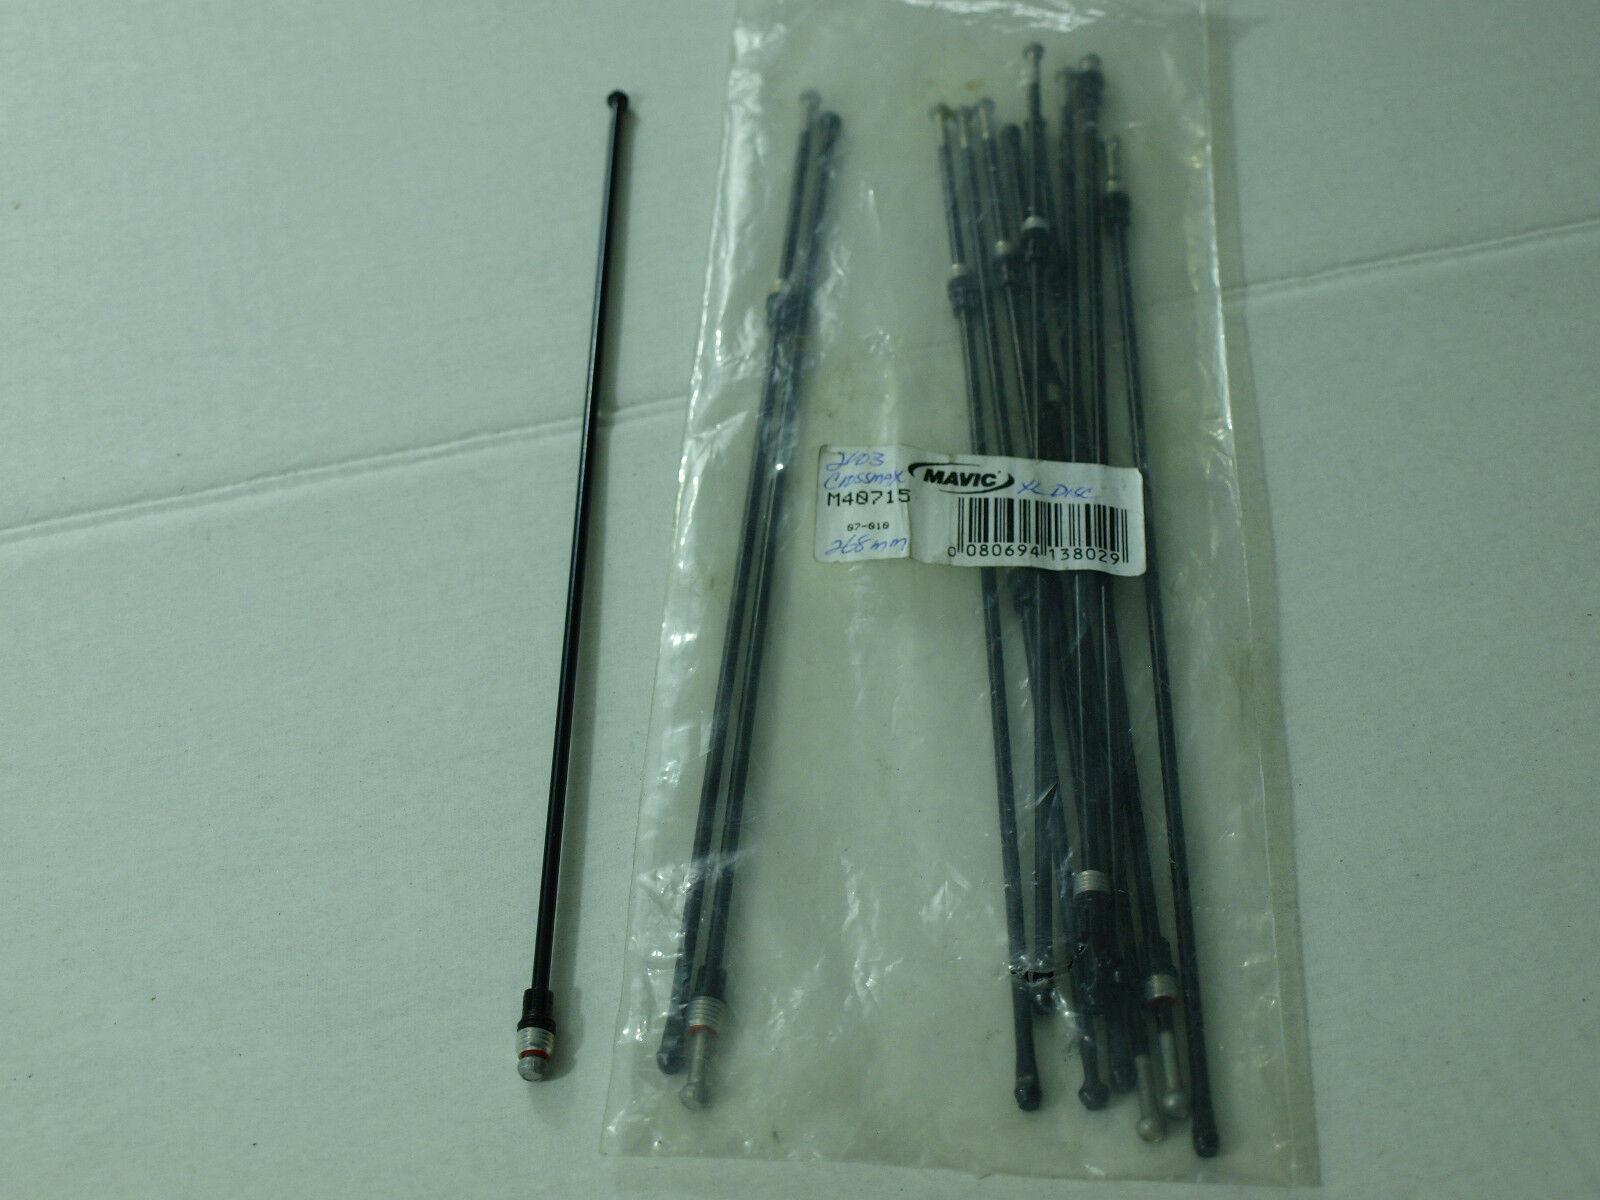 M40715  268mm 2003 Spoke Blk 1 New Mavic Crossmax XL Disc